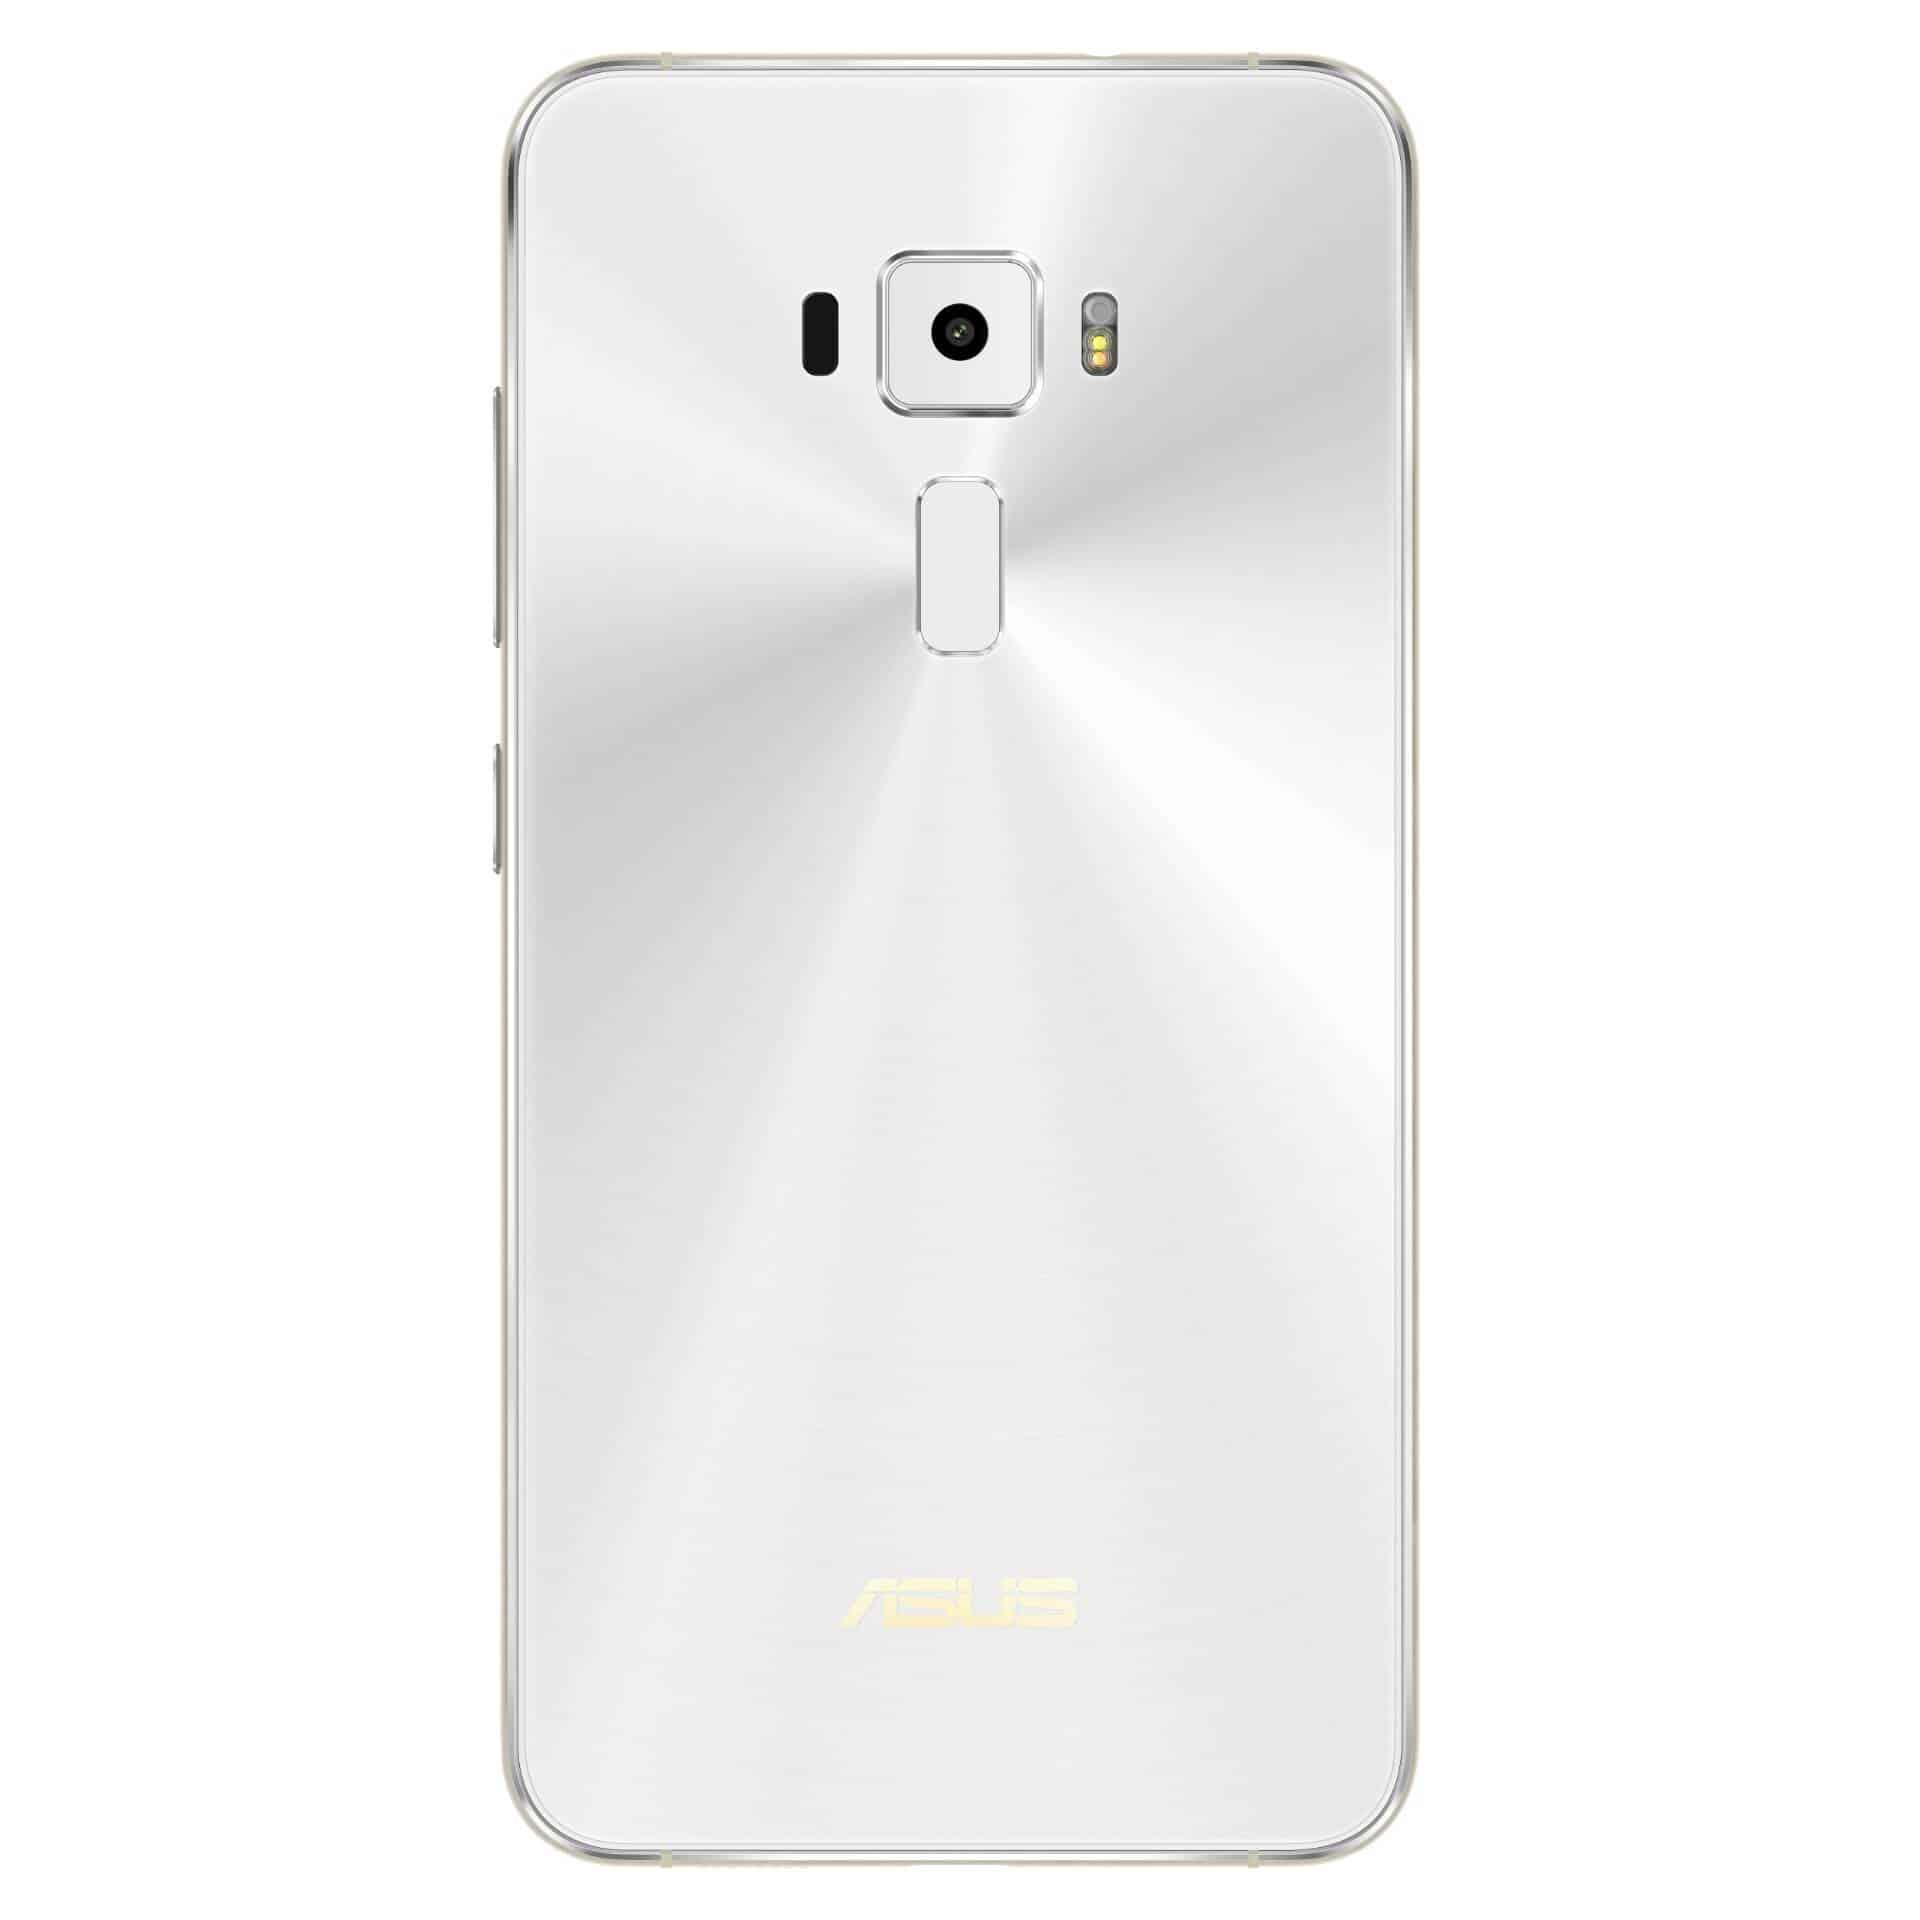 ASUS ZenFone 3 5